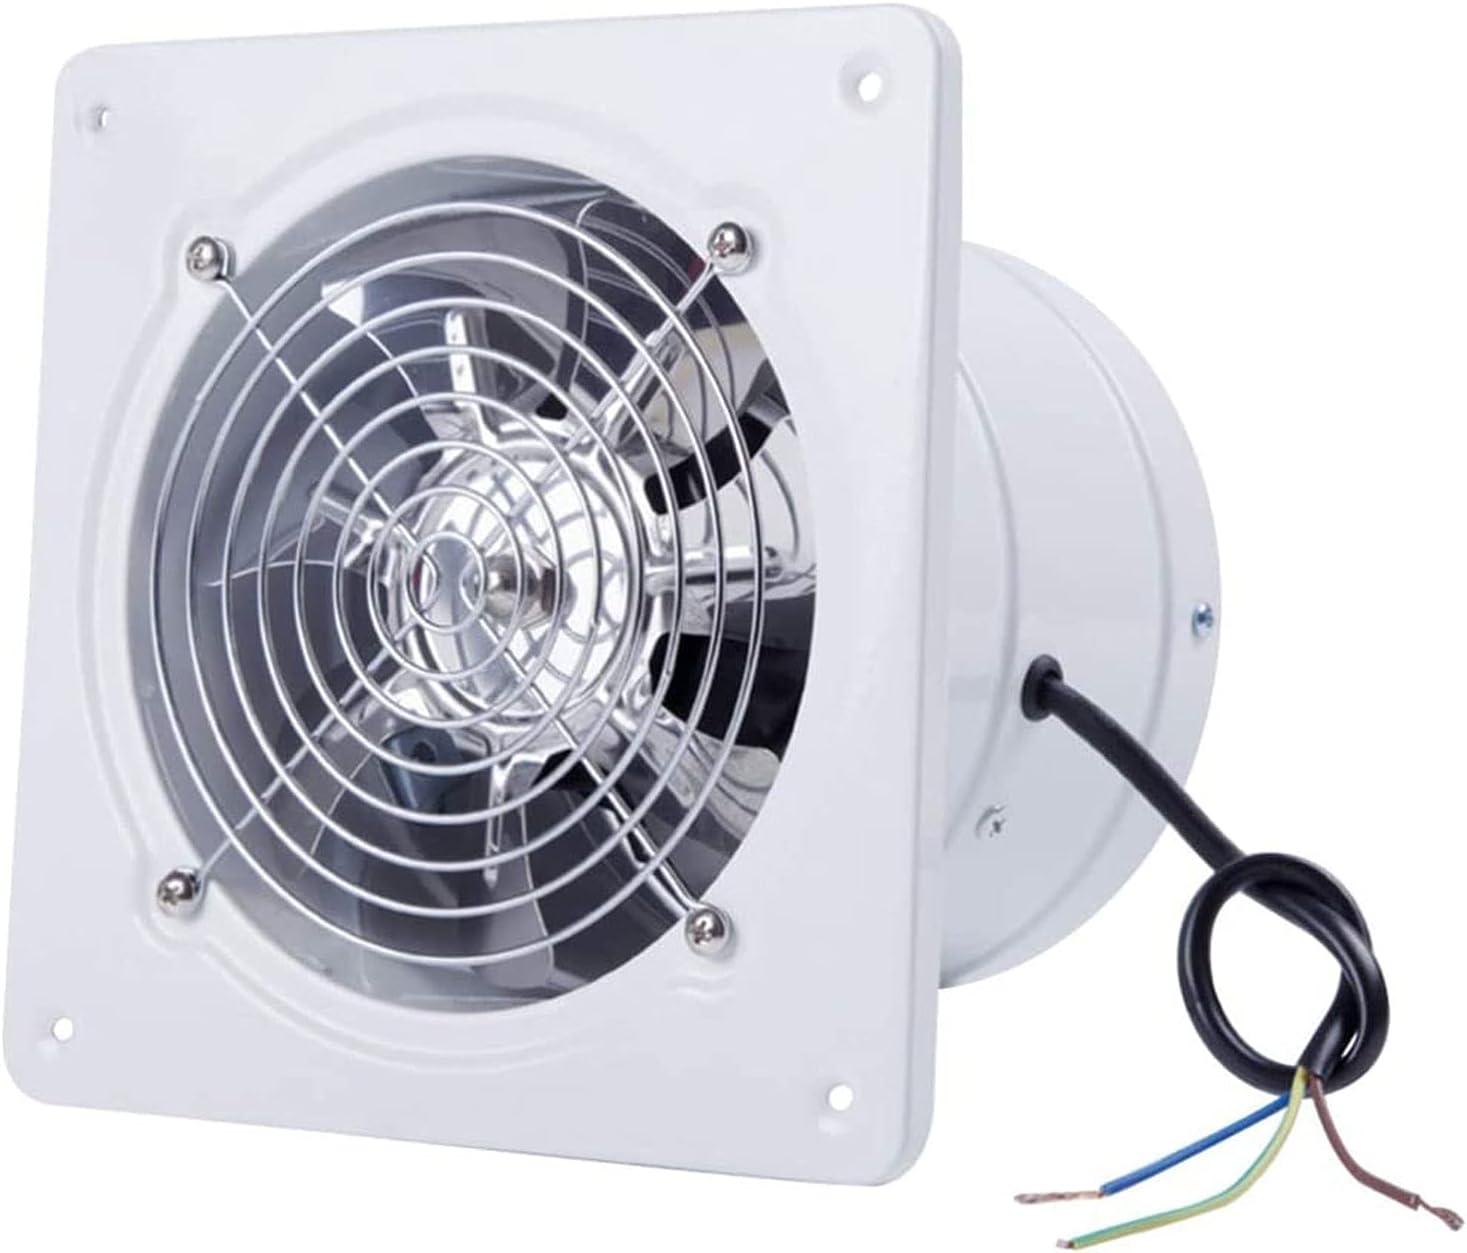 YFGQBCP Ventilador de Escape del Ventilador de 8 Pulgadas, Ventilador de Escape de Alta Velocidad de Flujo axial, Ventilador de la Cocina Blanca, Ventilador, lámpara de Pared, Potente Escape